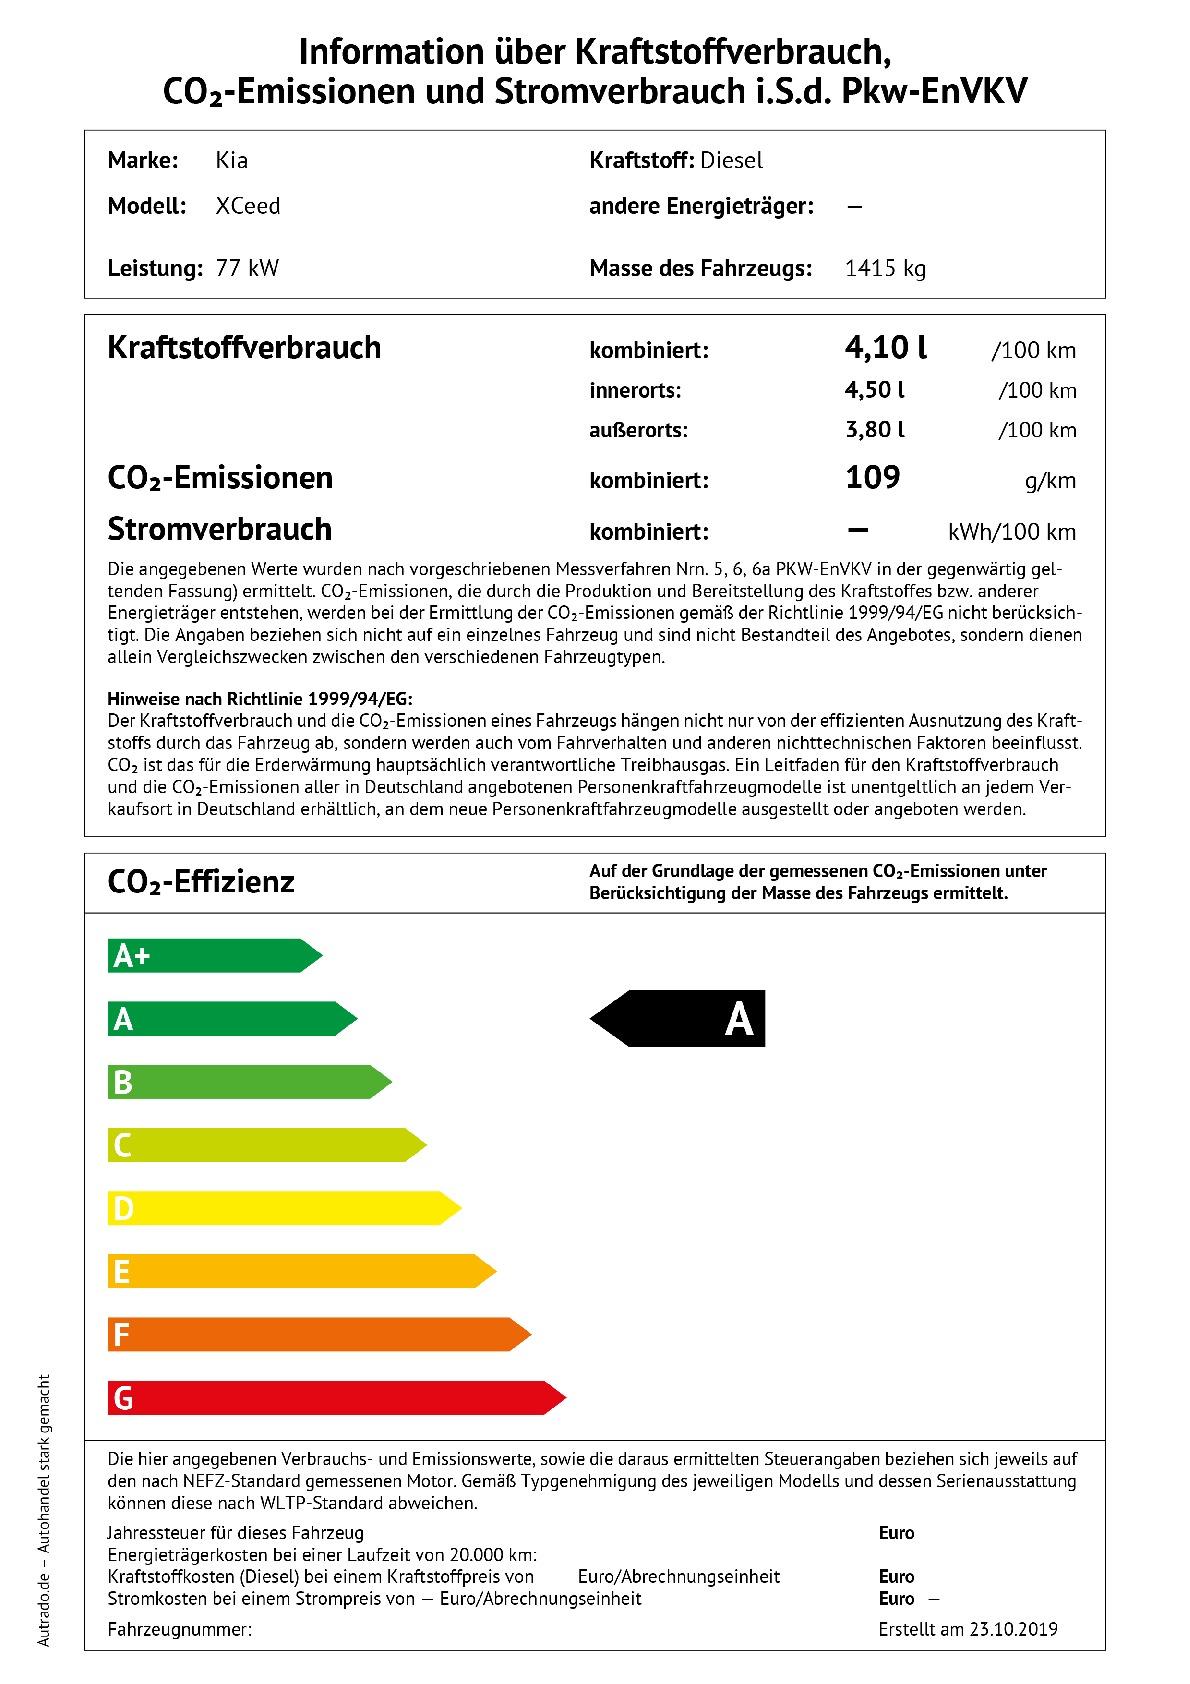 Energielabel 1.6 CRDi SCR